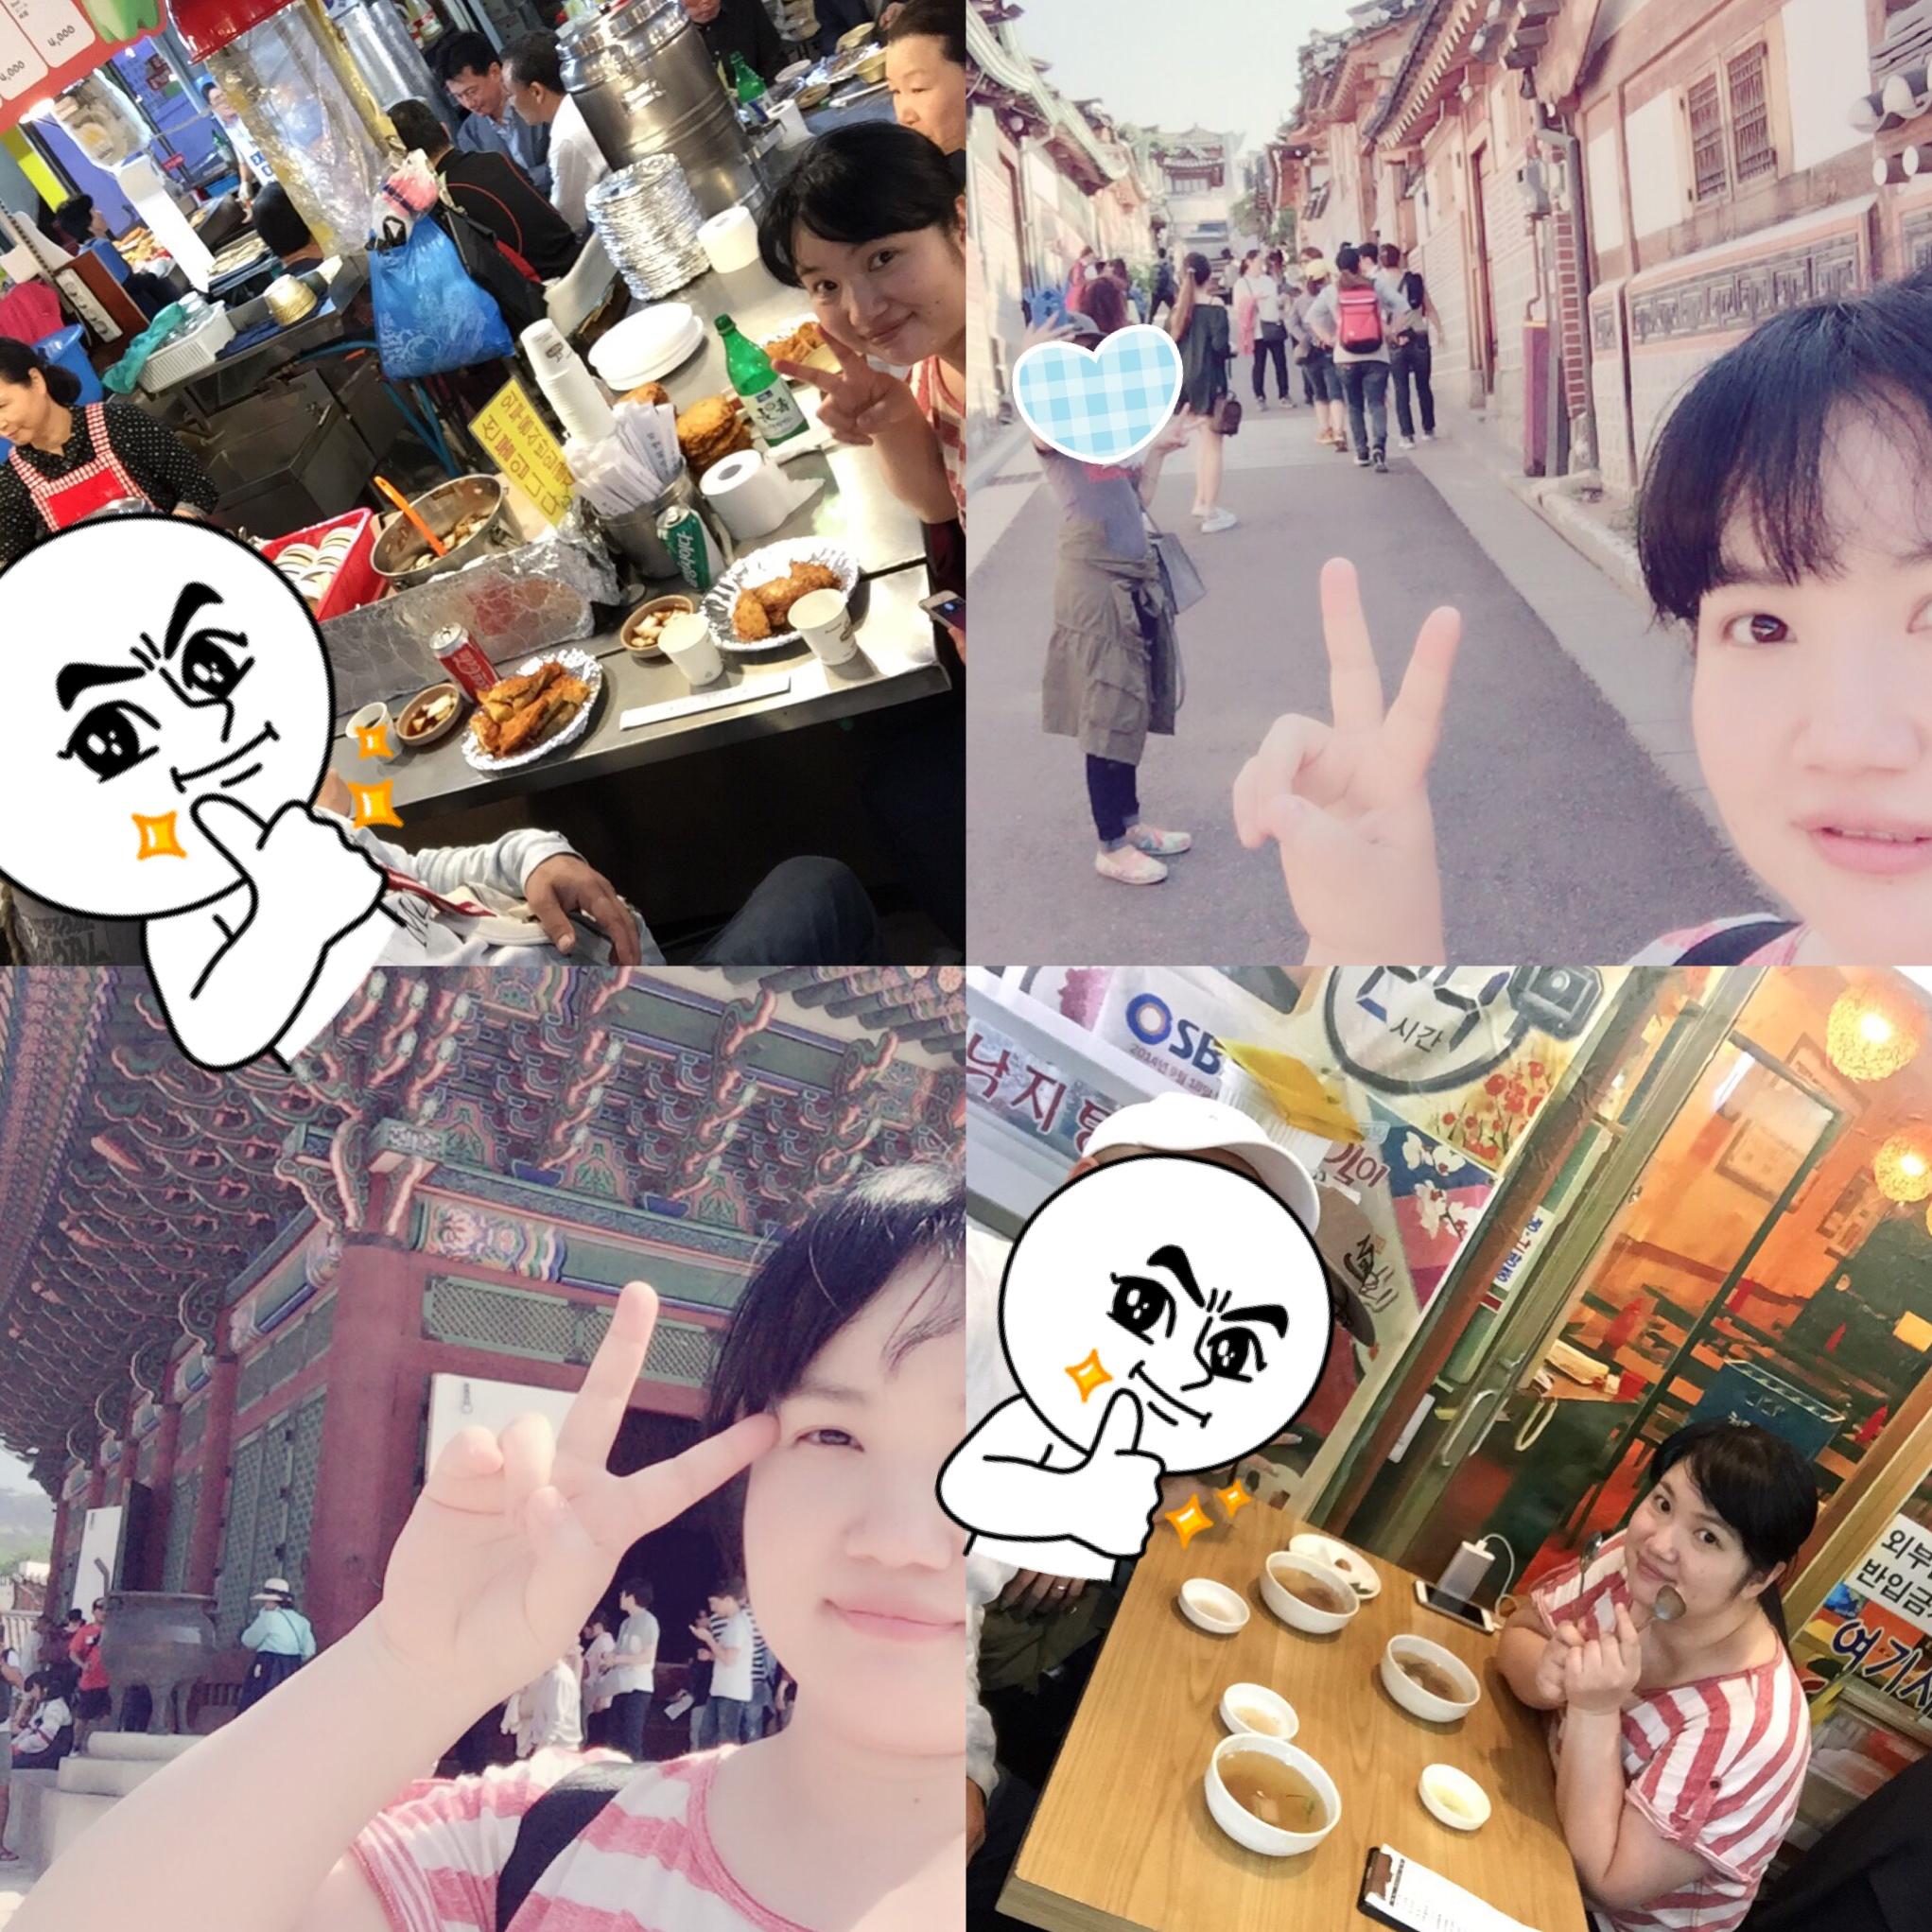 インスタ女子、インスタジェニックにおススメ!!SNS映えする韓国・ソウルの観光地を巡りをしてきました^^